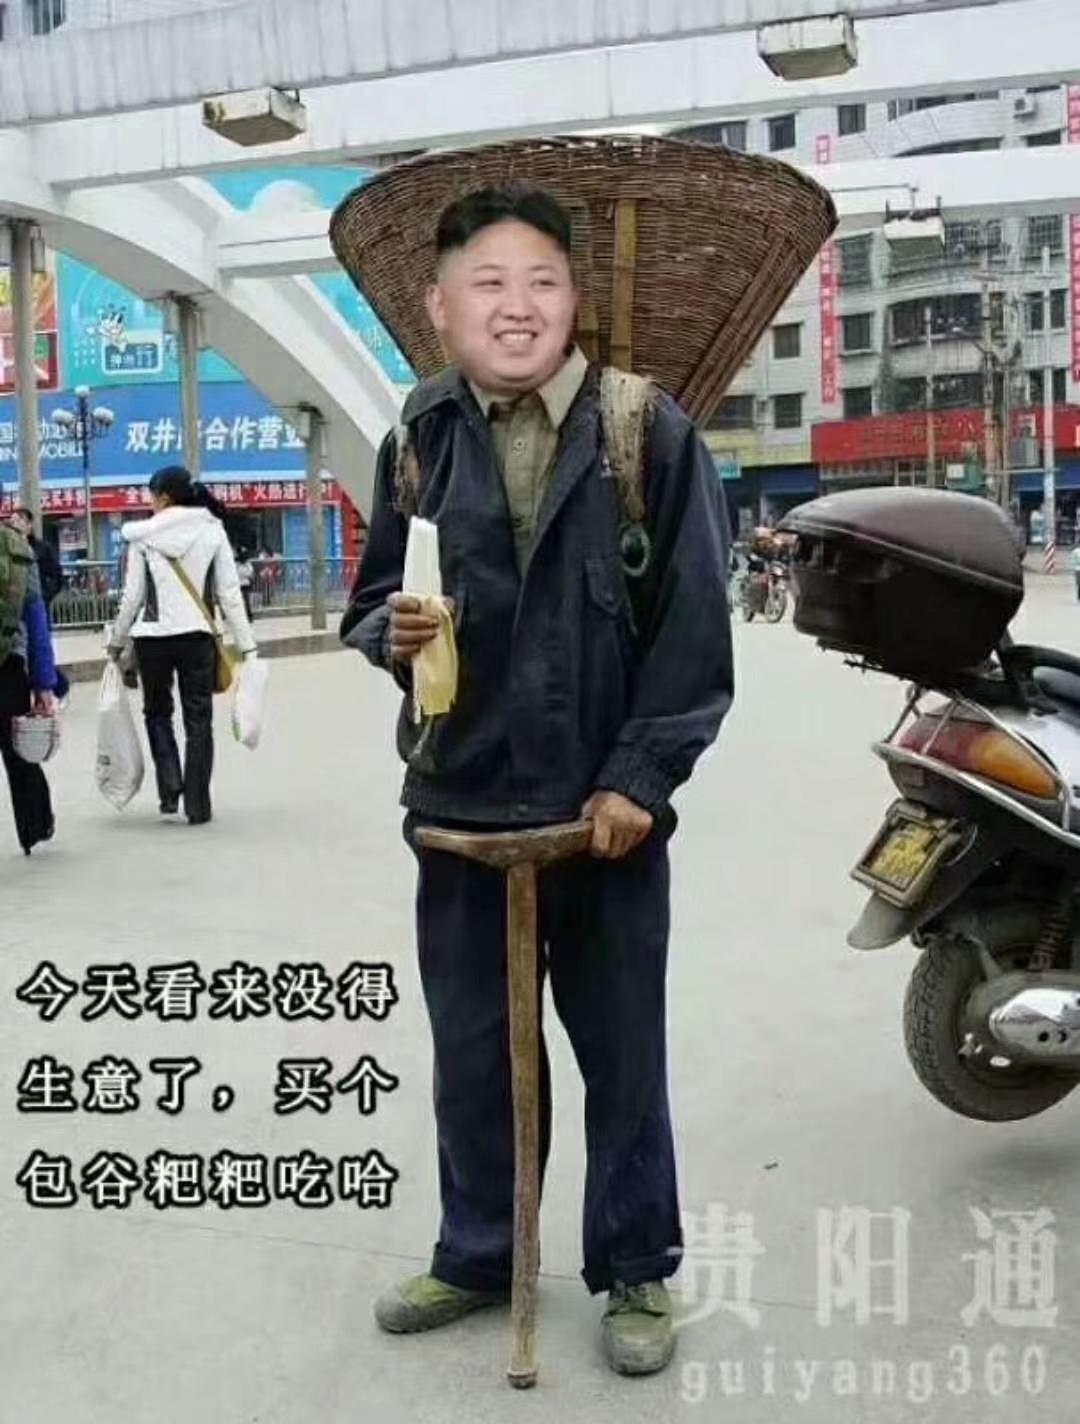 谁有广东的挖机微信群,帮忙拉下